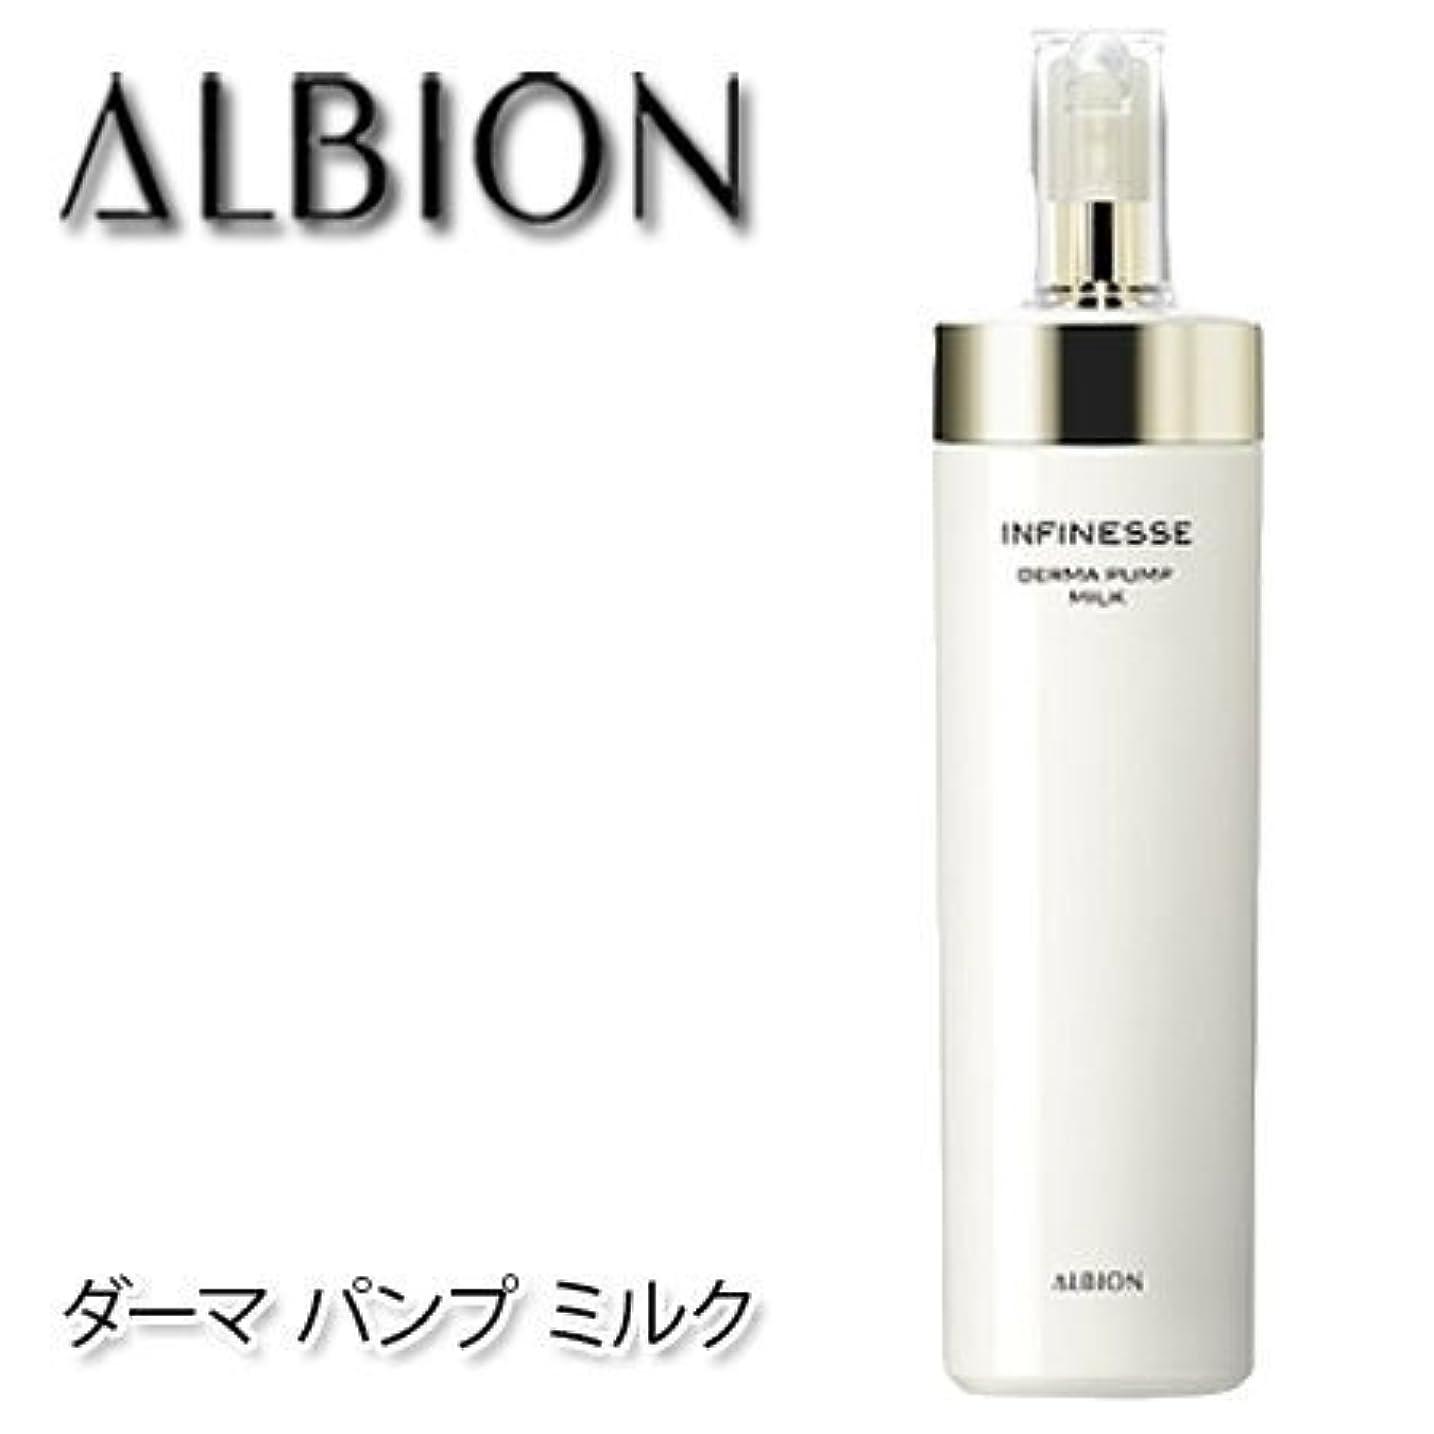 ミル疫病移住するアルビオン アンフィネス ダーマ パンプ ミルク 200g-ALBION-